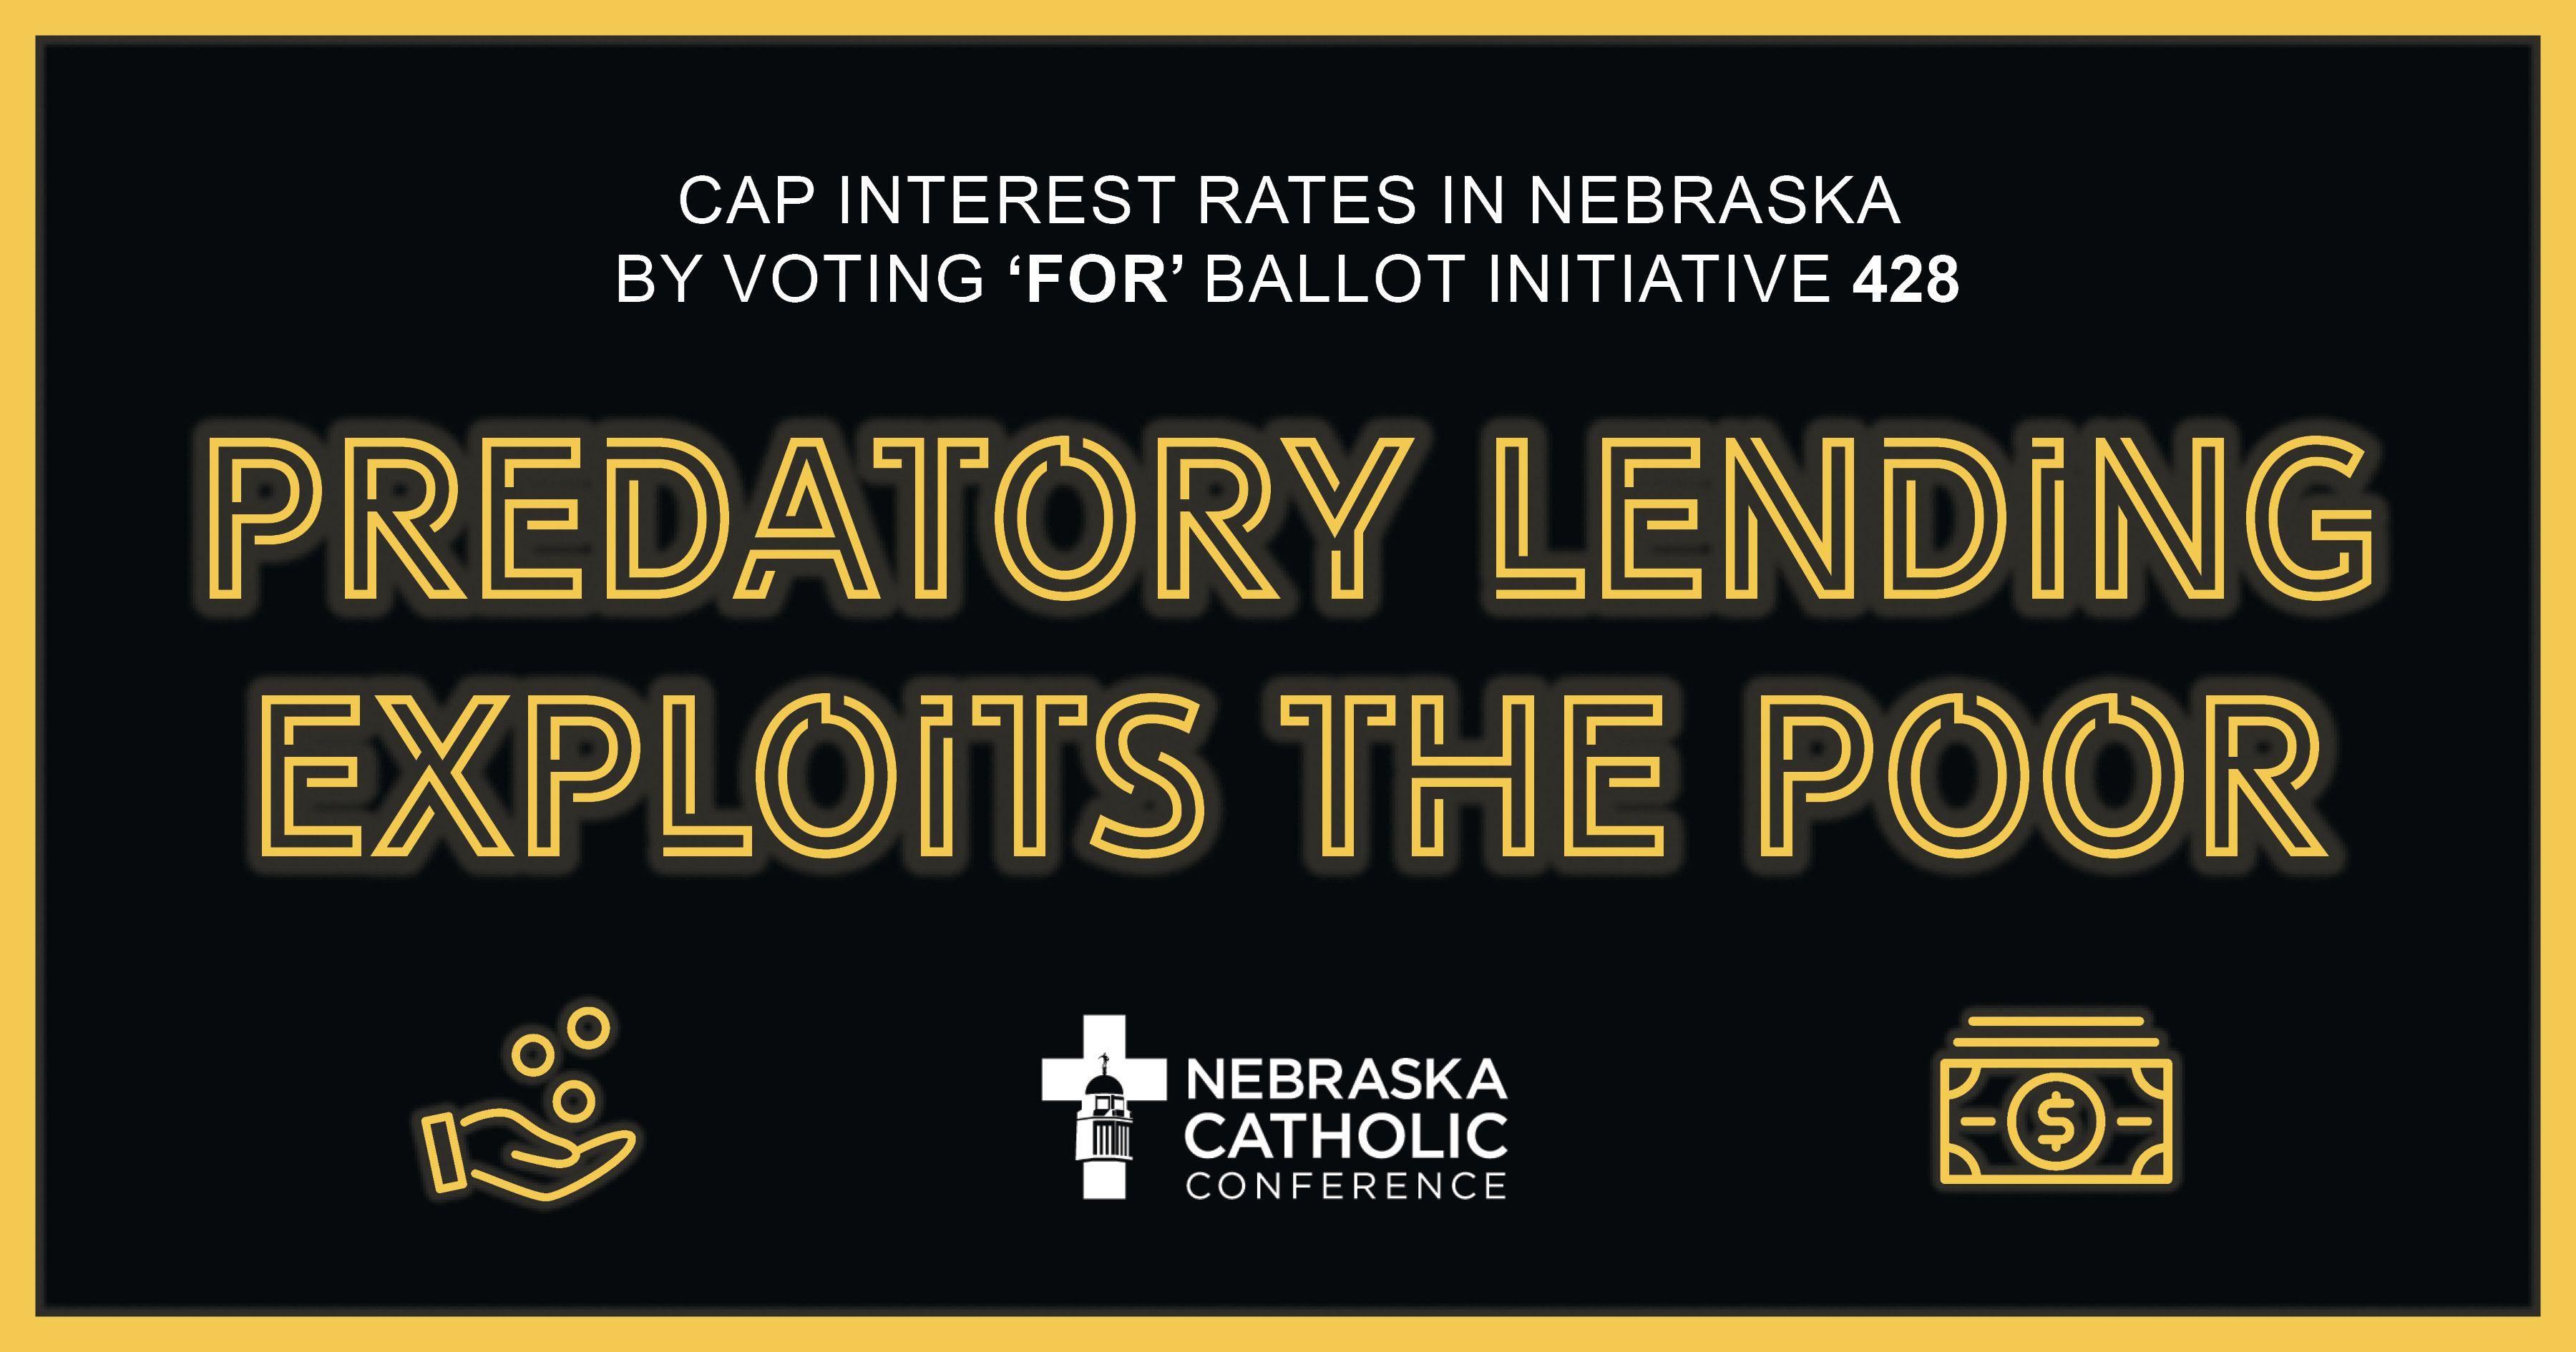 Vote 'FOR' Initiative 428